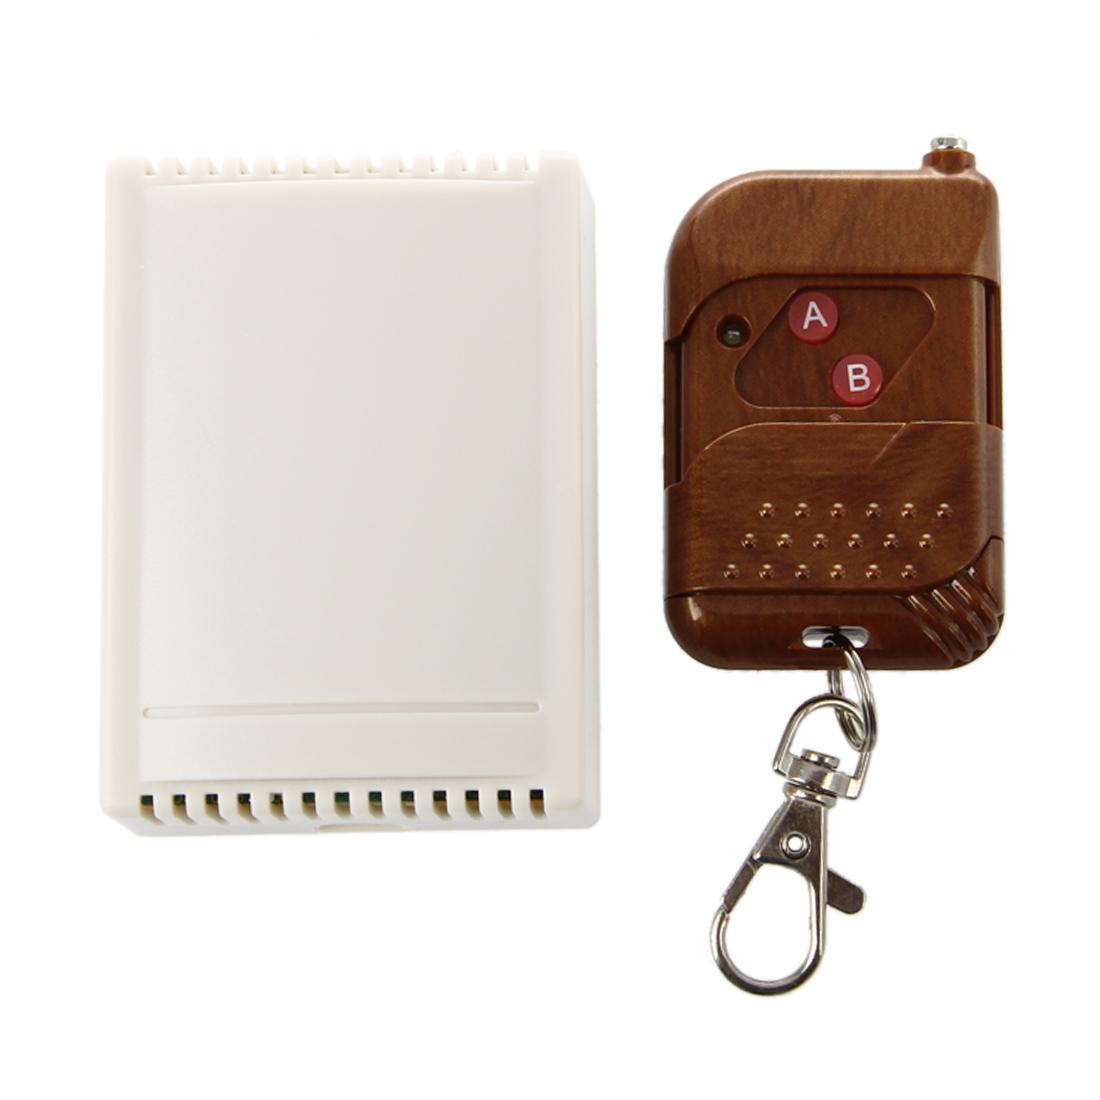 Garage Door Opener Remote Light Not Working: 315MHz Universal Gate Garage Door Opener Remote Control